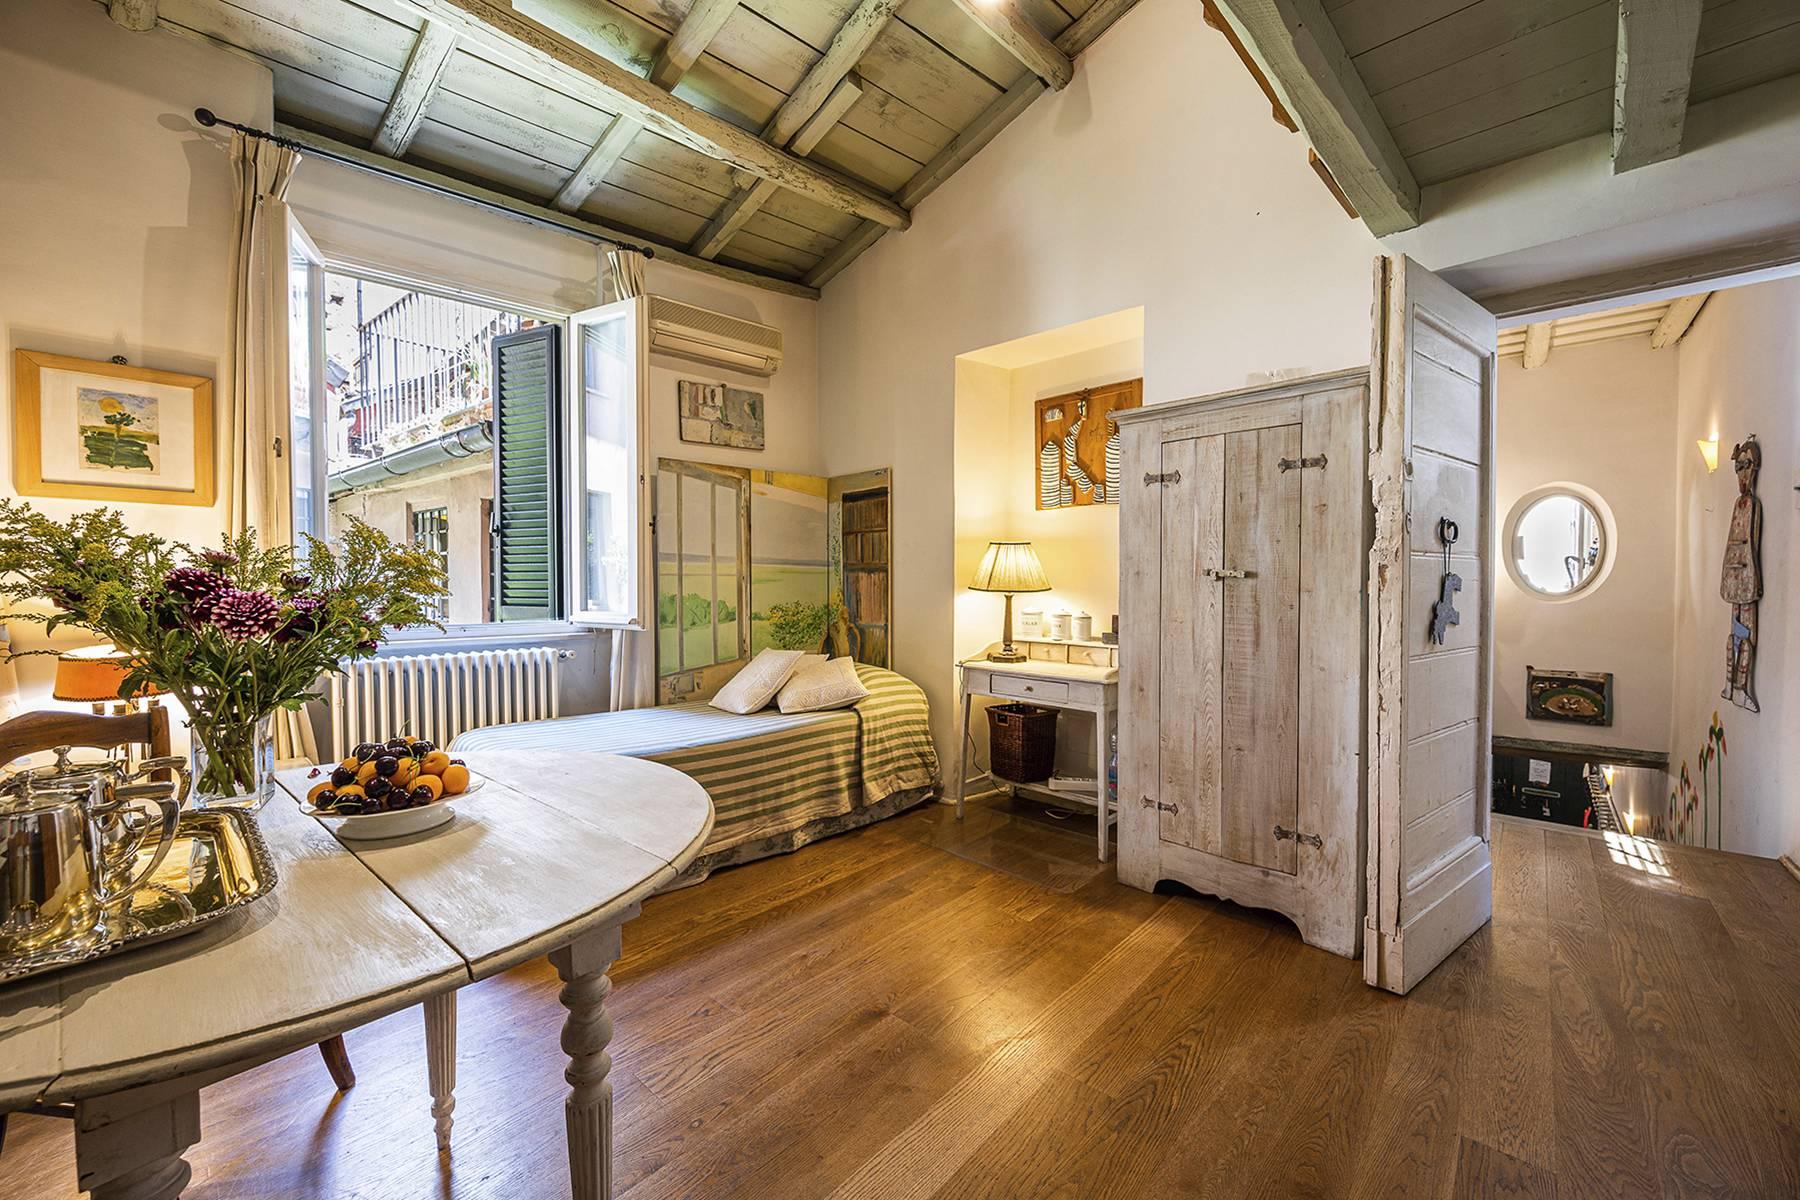 Casa indipendente in Vendita a Roma: 5 locali, 200 mq - Foto 17